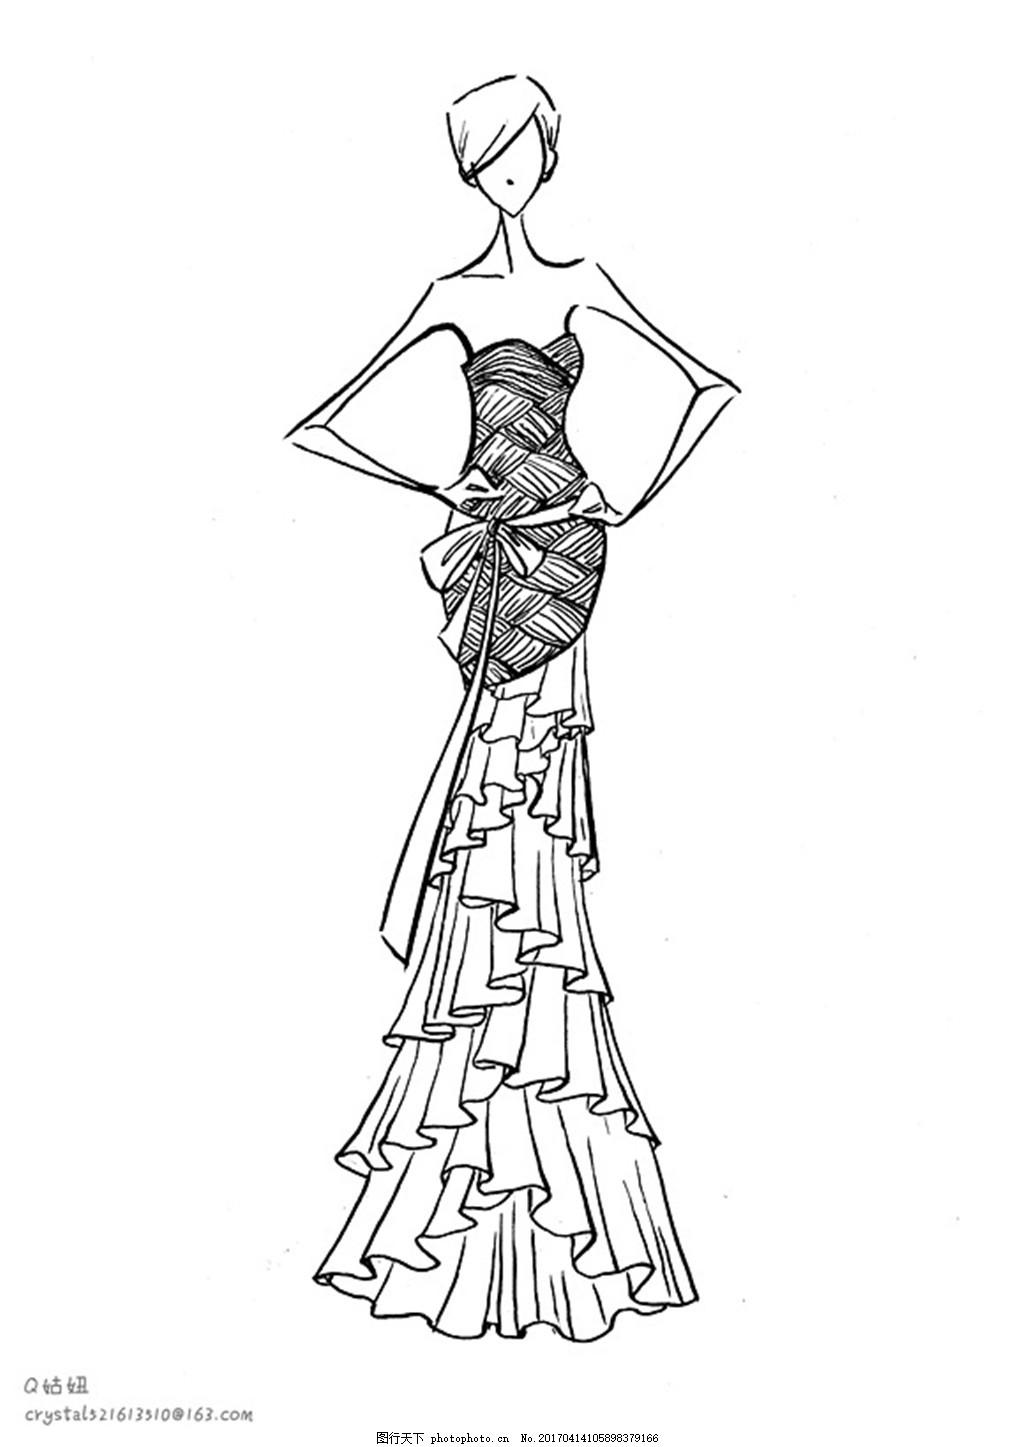 挺胸长裙礼服设计图 服装设计 时尚女装 职业女装 职业装 女装设计